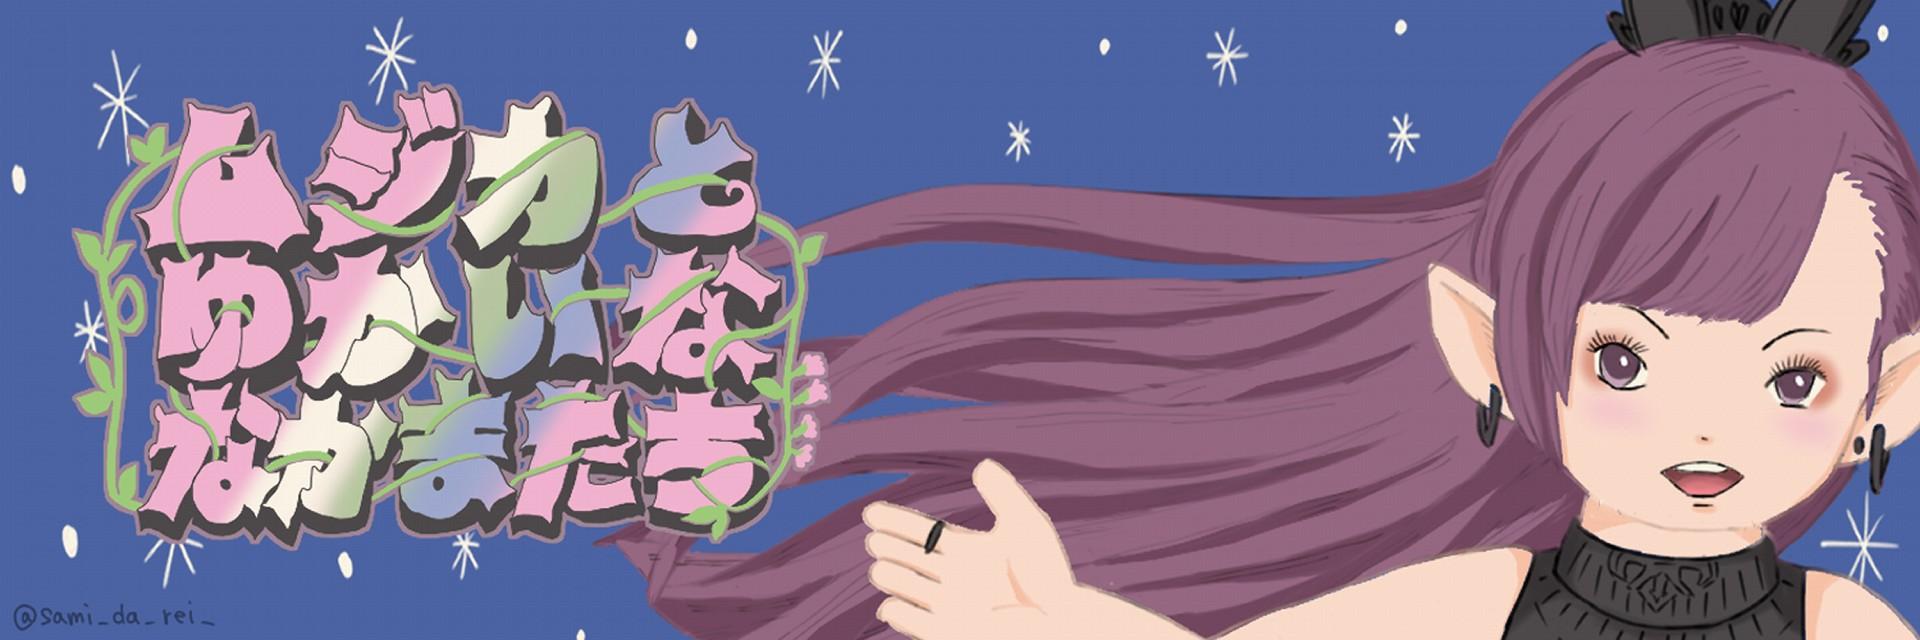 f:id:ryoushitsu-musica:20210806000753j:image